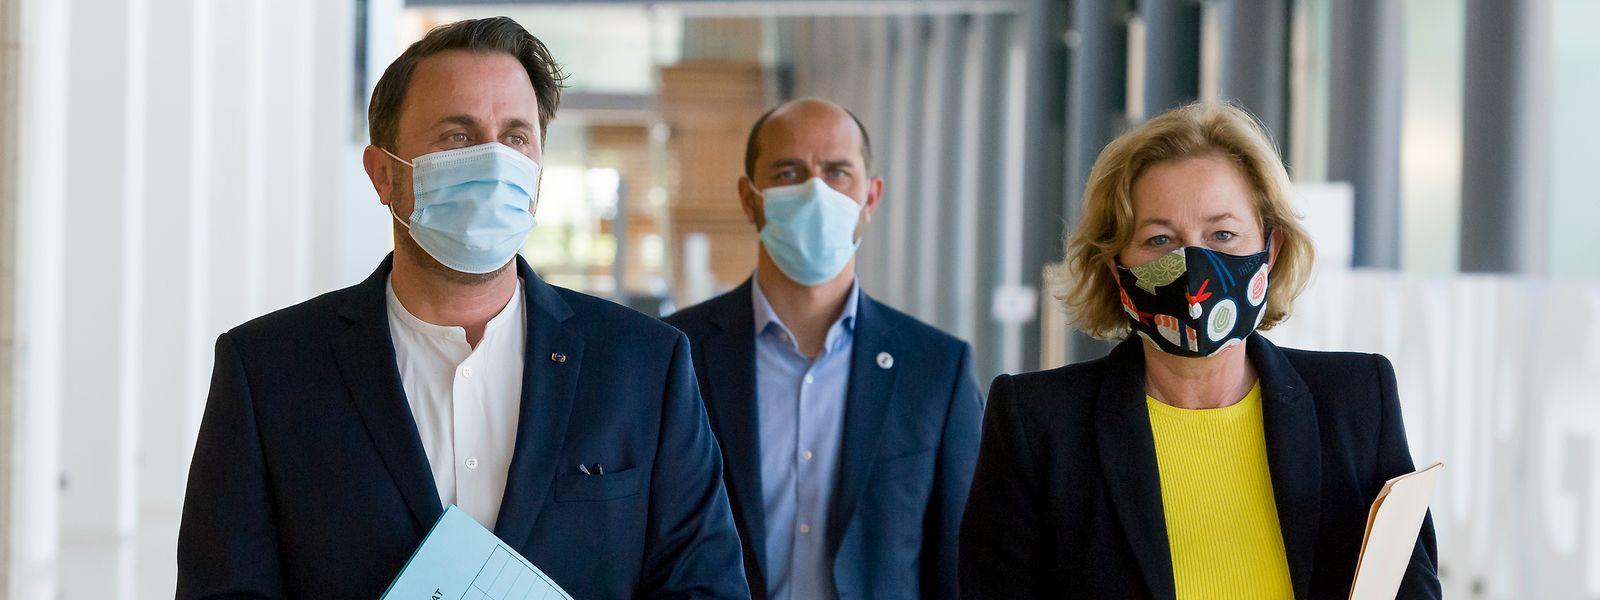 Premierminister Xavier Bettel und Gesundheitsministerin Paulette Lenert auf dem Weg zur Pressekonferenz, vorschriftsmäßig mit Maske.